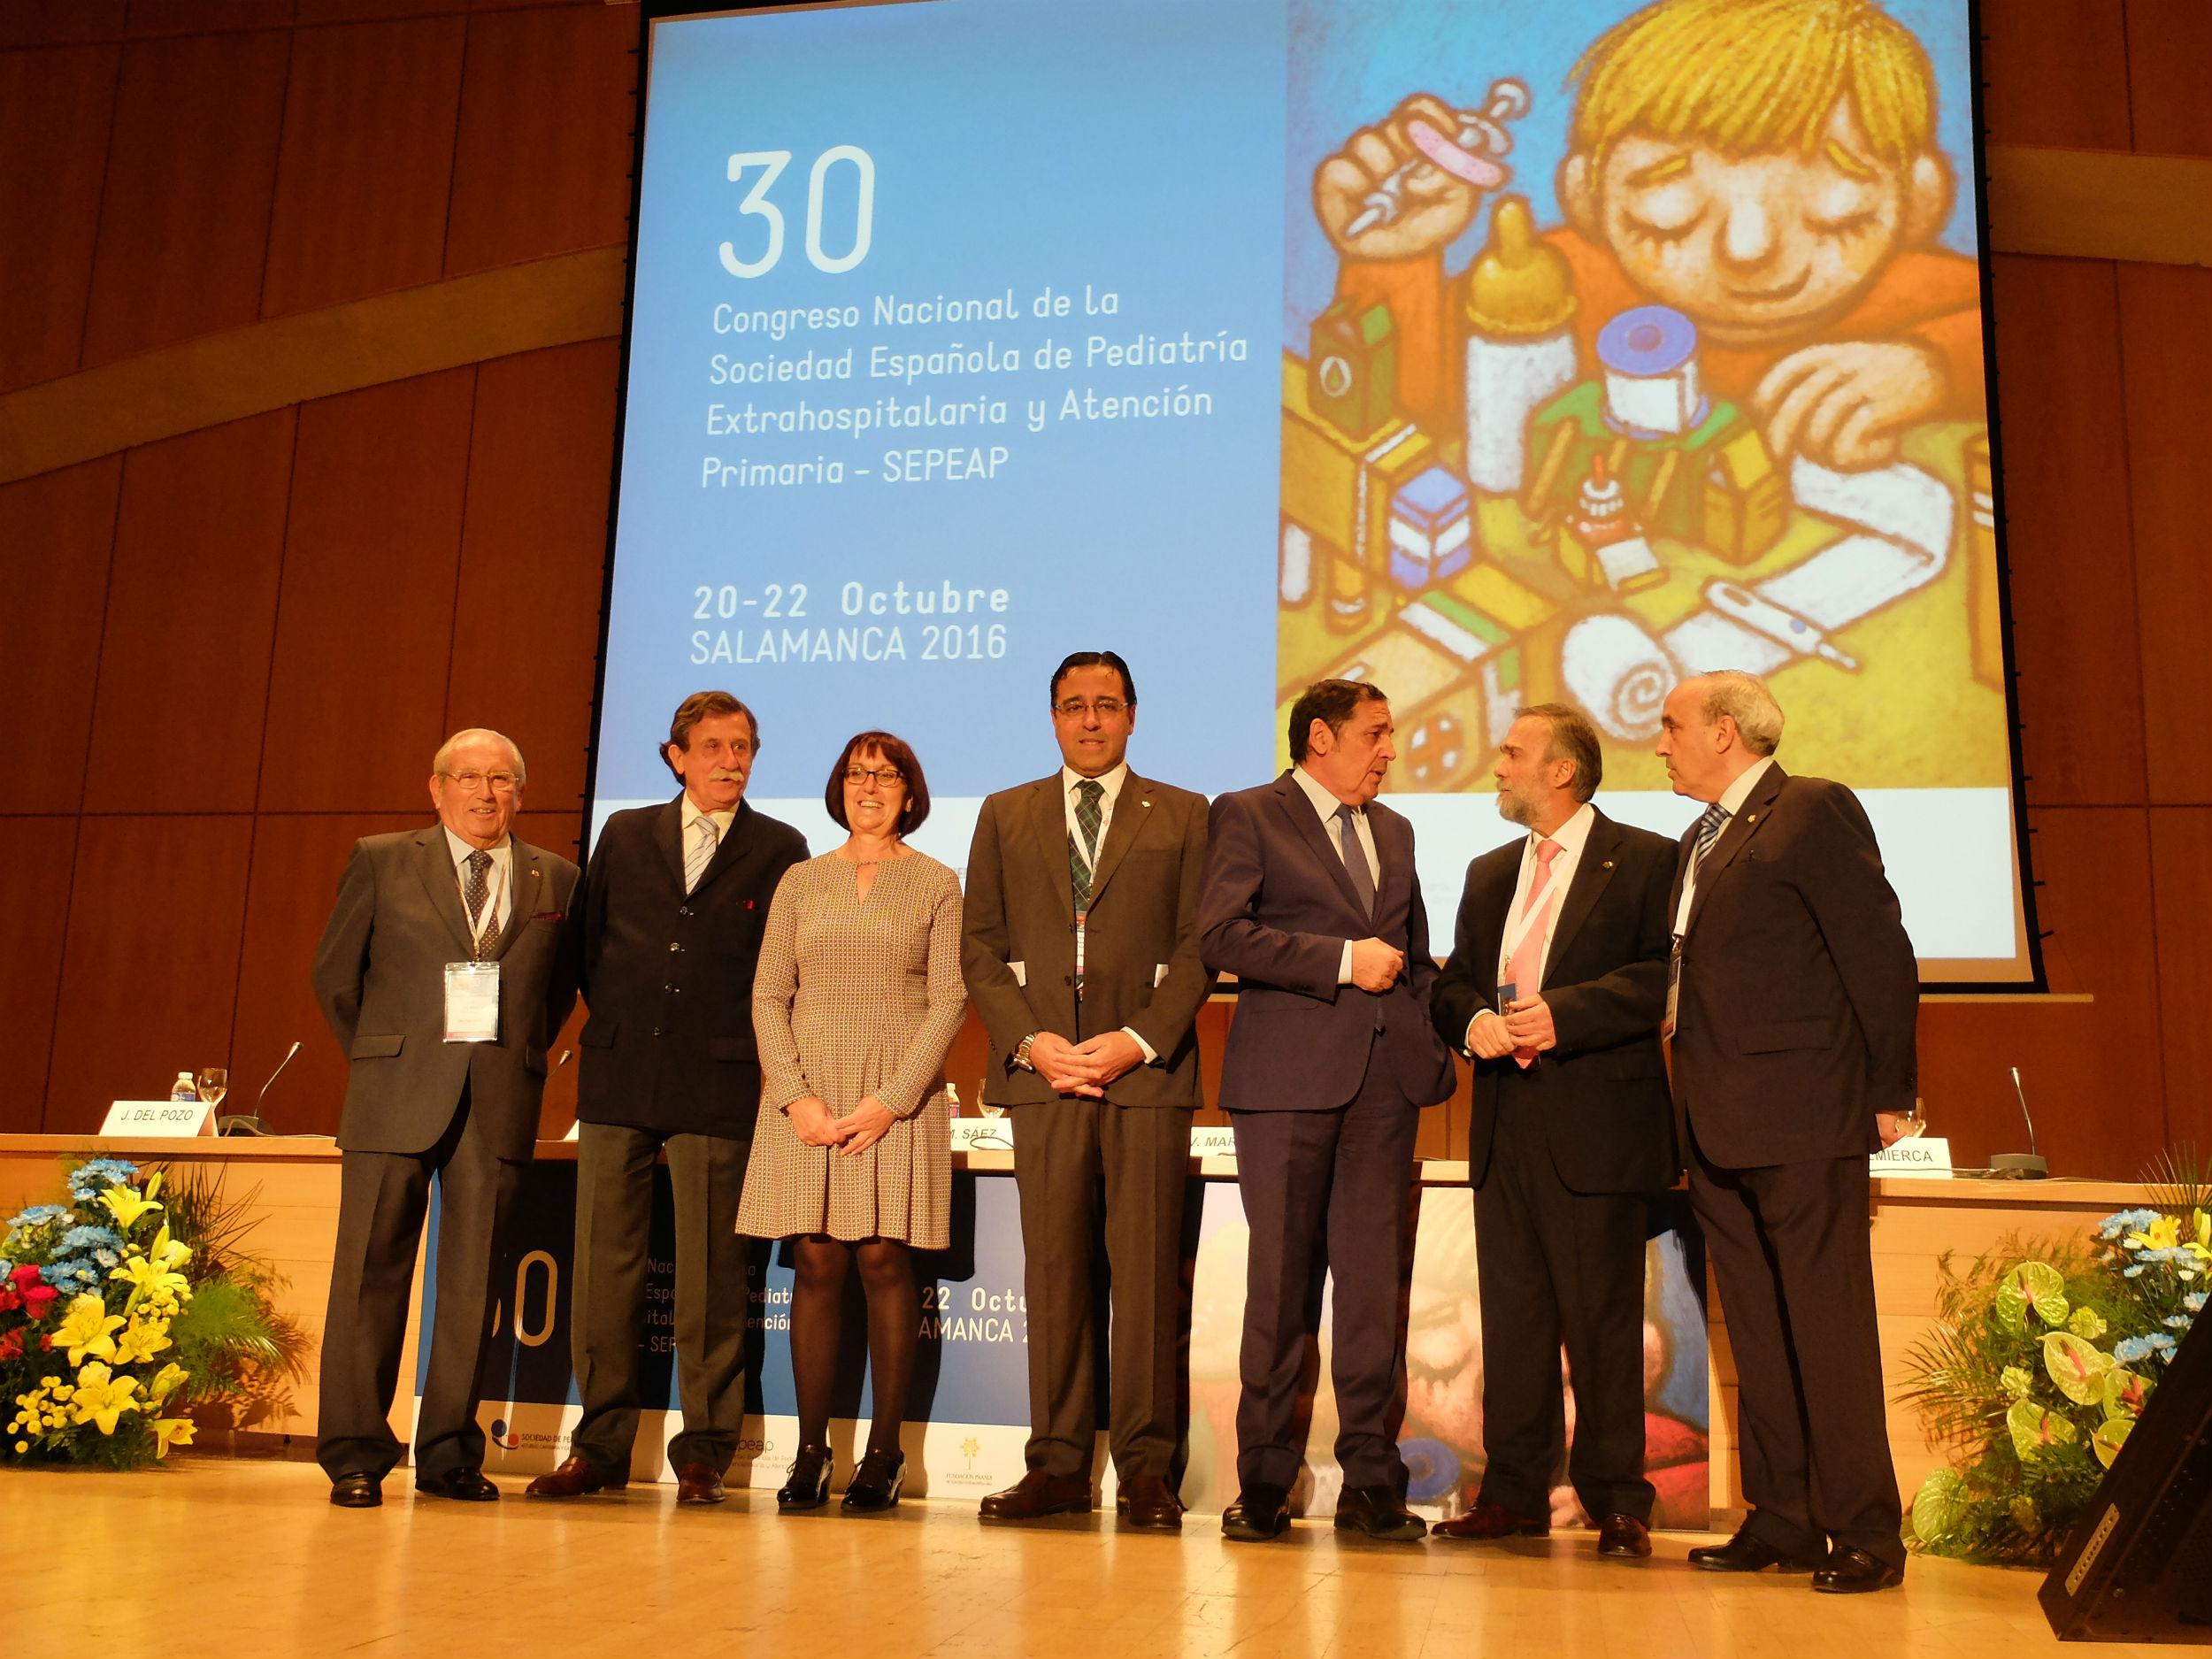 La vicerrectora de Ordenación Académica y Profesorado asiste a la inauguración  del 30º Congreso Nacional de la Sociedad Española de Pediatría Extrahospitalaria y Atención Primaria